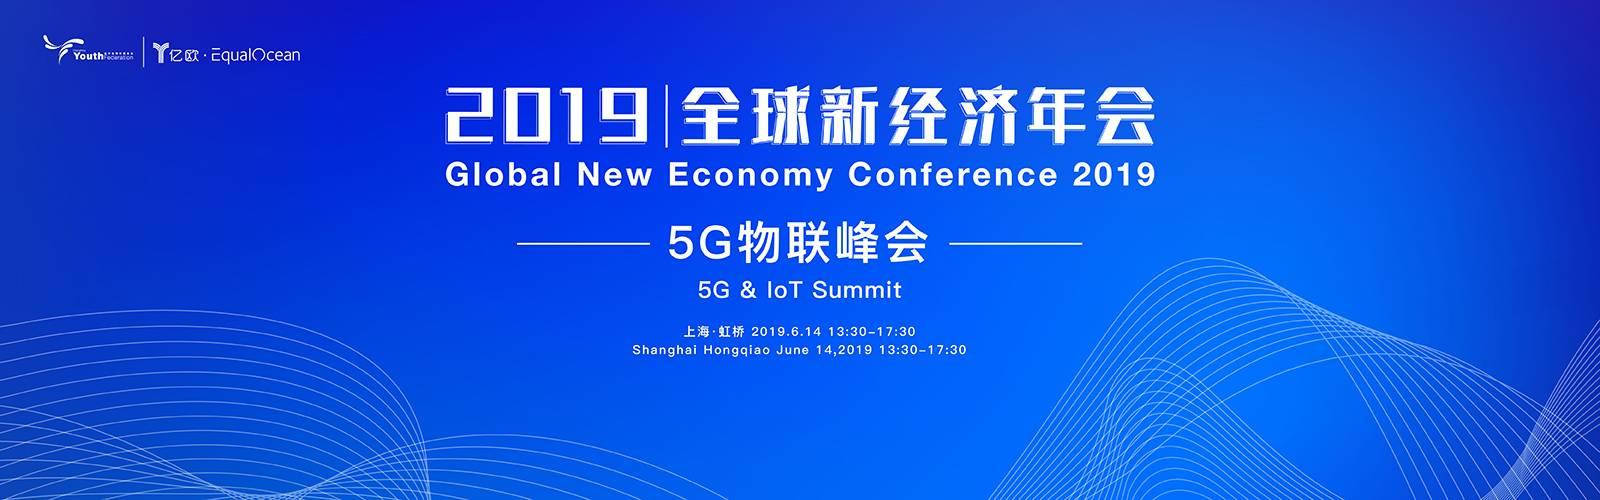 2019全球新经济年会-5G物联峰会